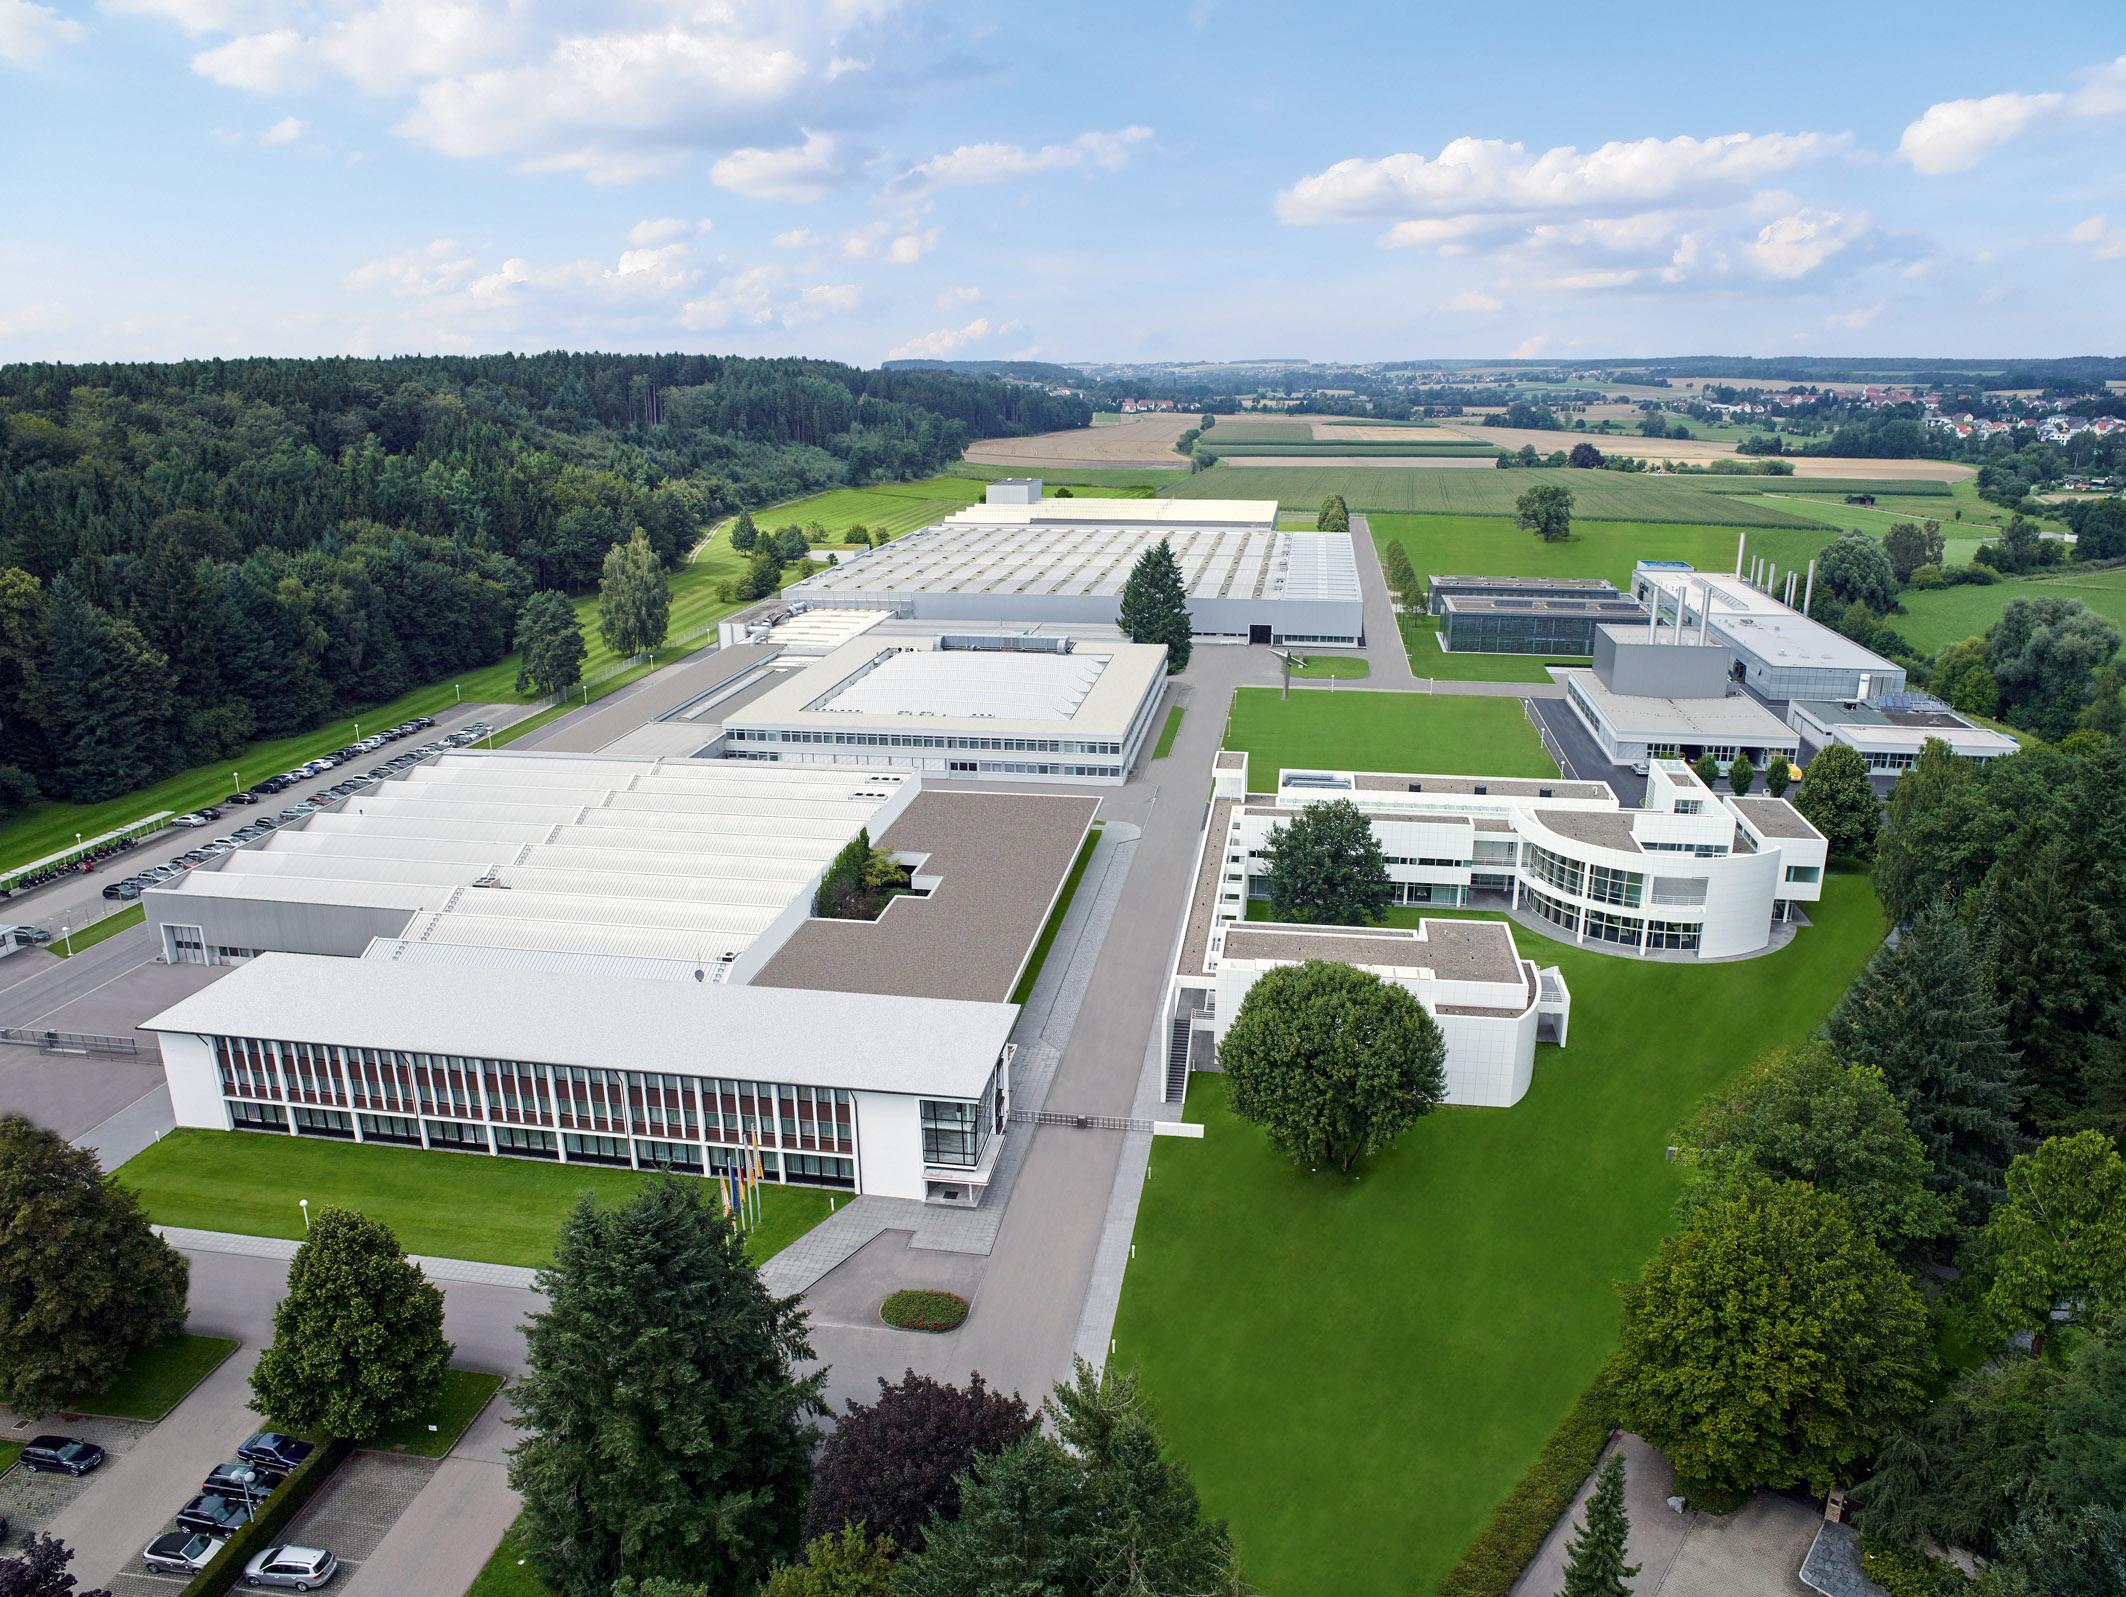 Max Weishaupt GmbH in Schwendi Ansicht aus der Luft